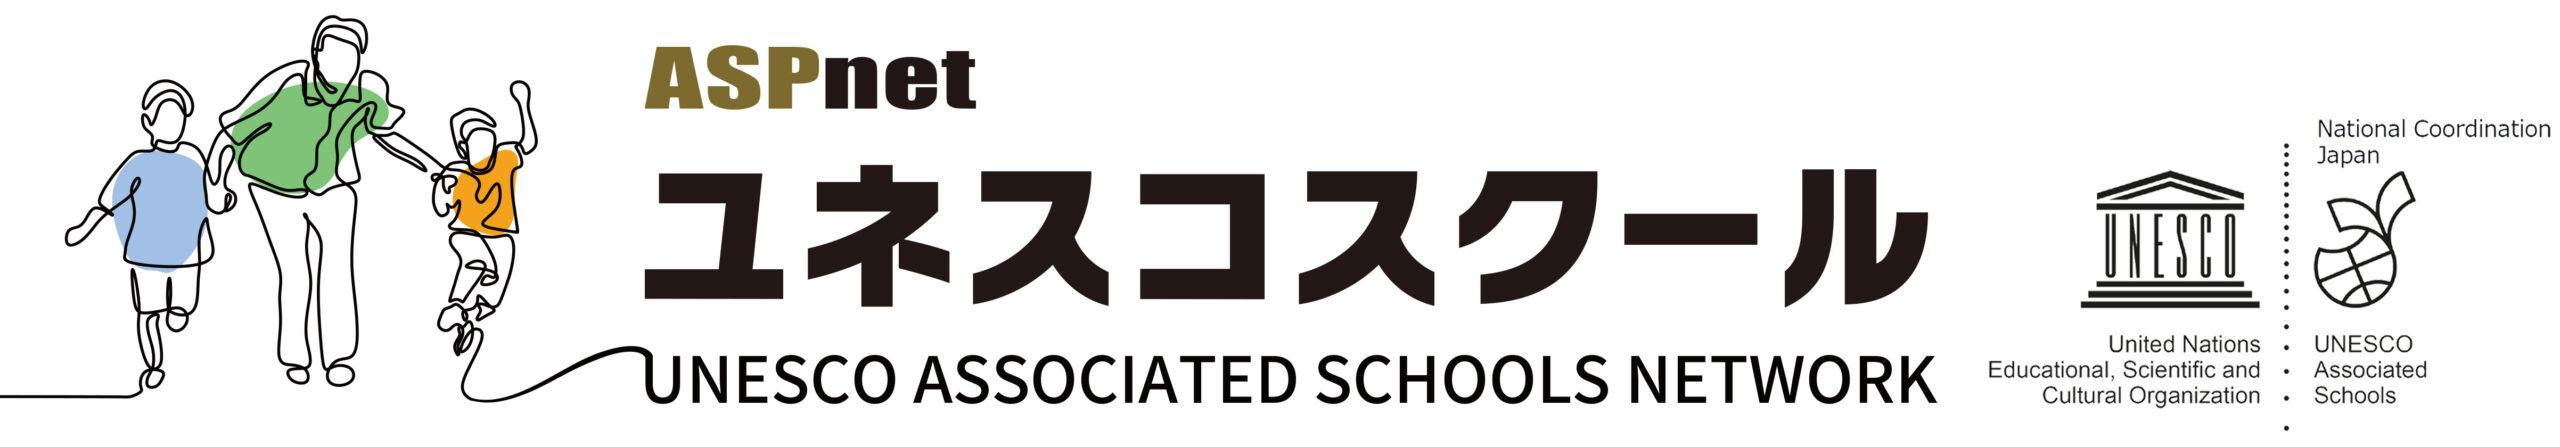 ユネスコスクール 公式ウェブサイト